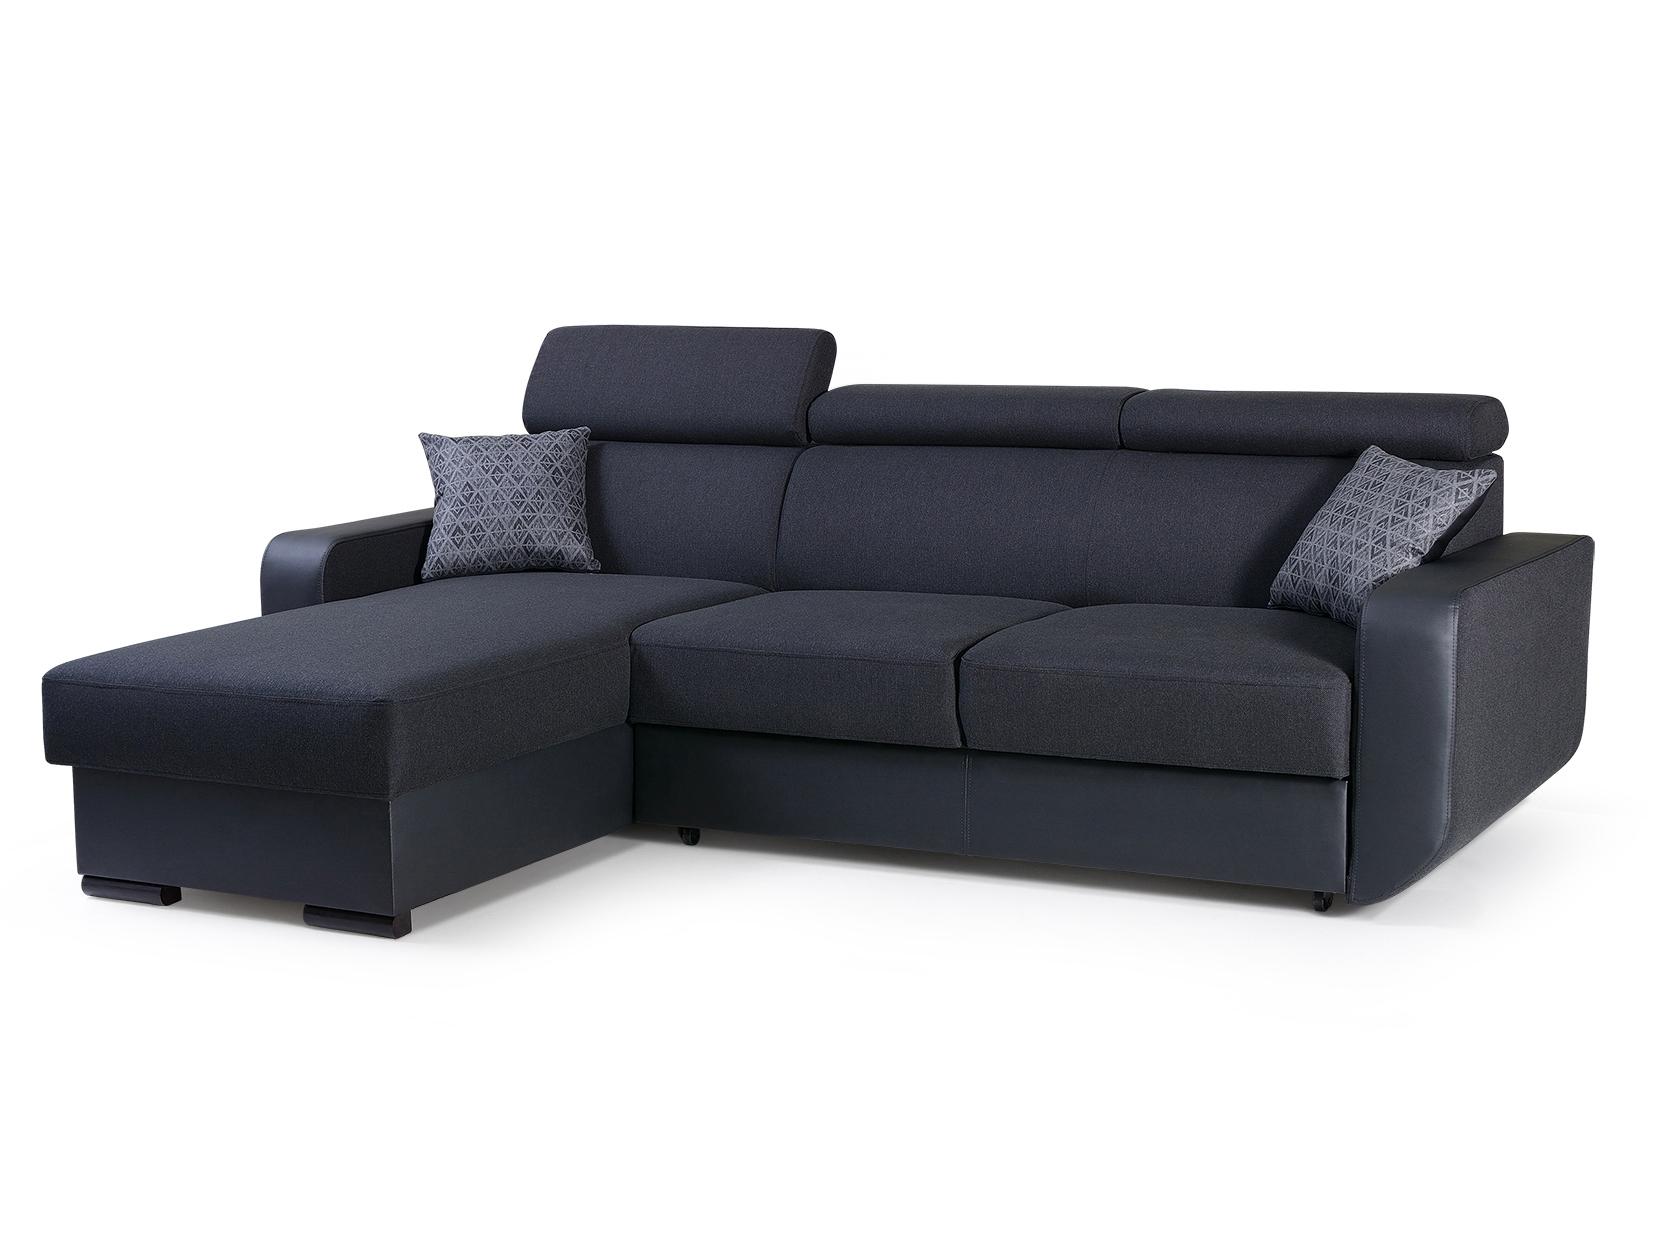 Rohová sedací souprava - Istar (černá) (L)